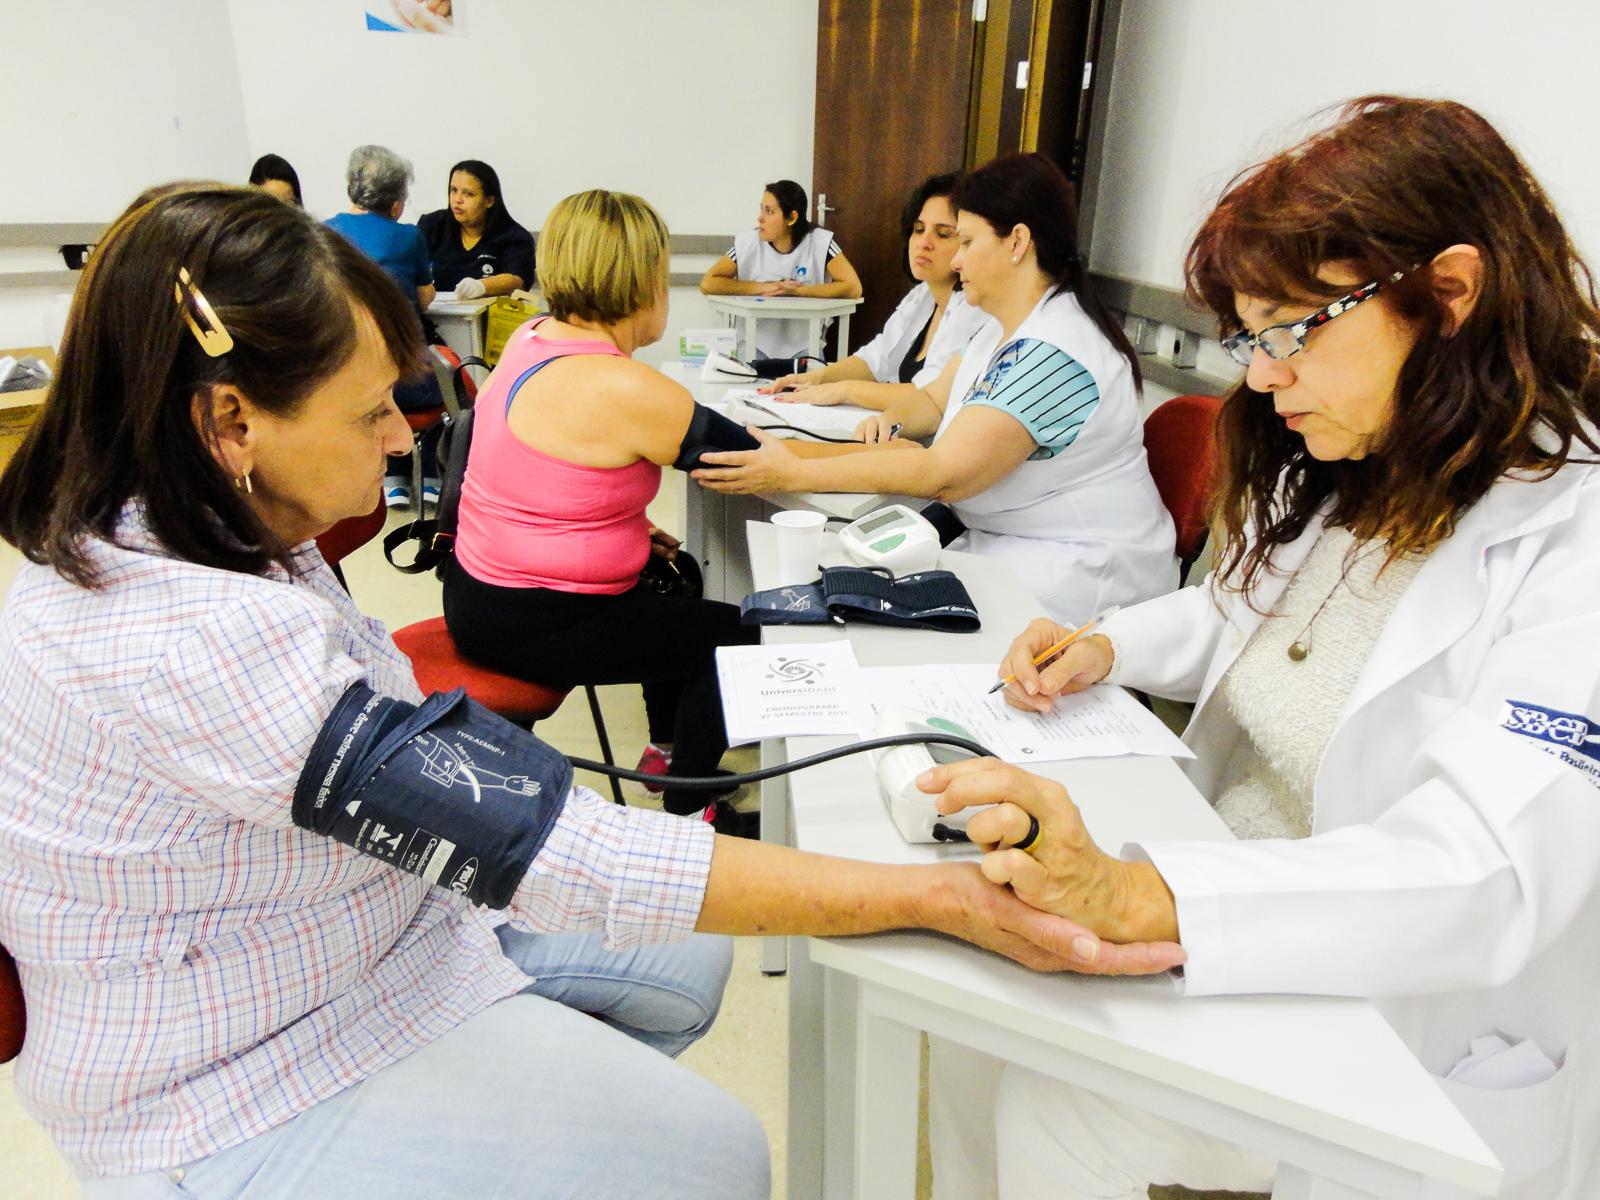 Circuito Saude E Vida : Cecom realiza circuito de saúde com alunos da universidade